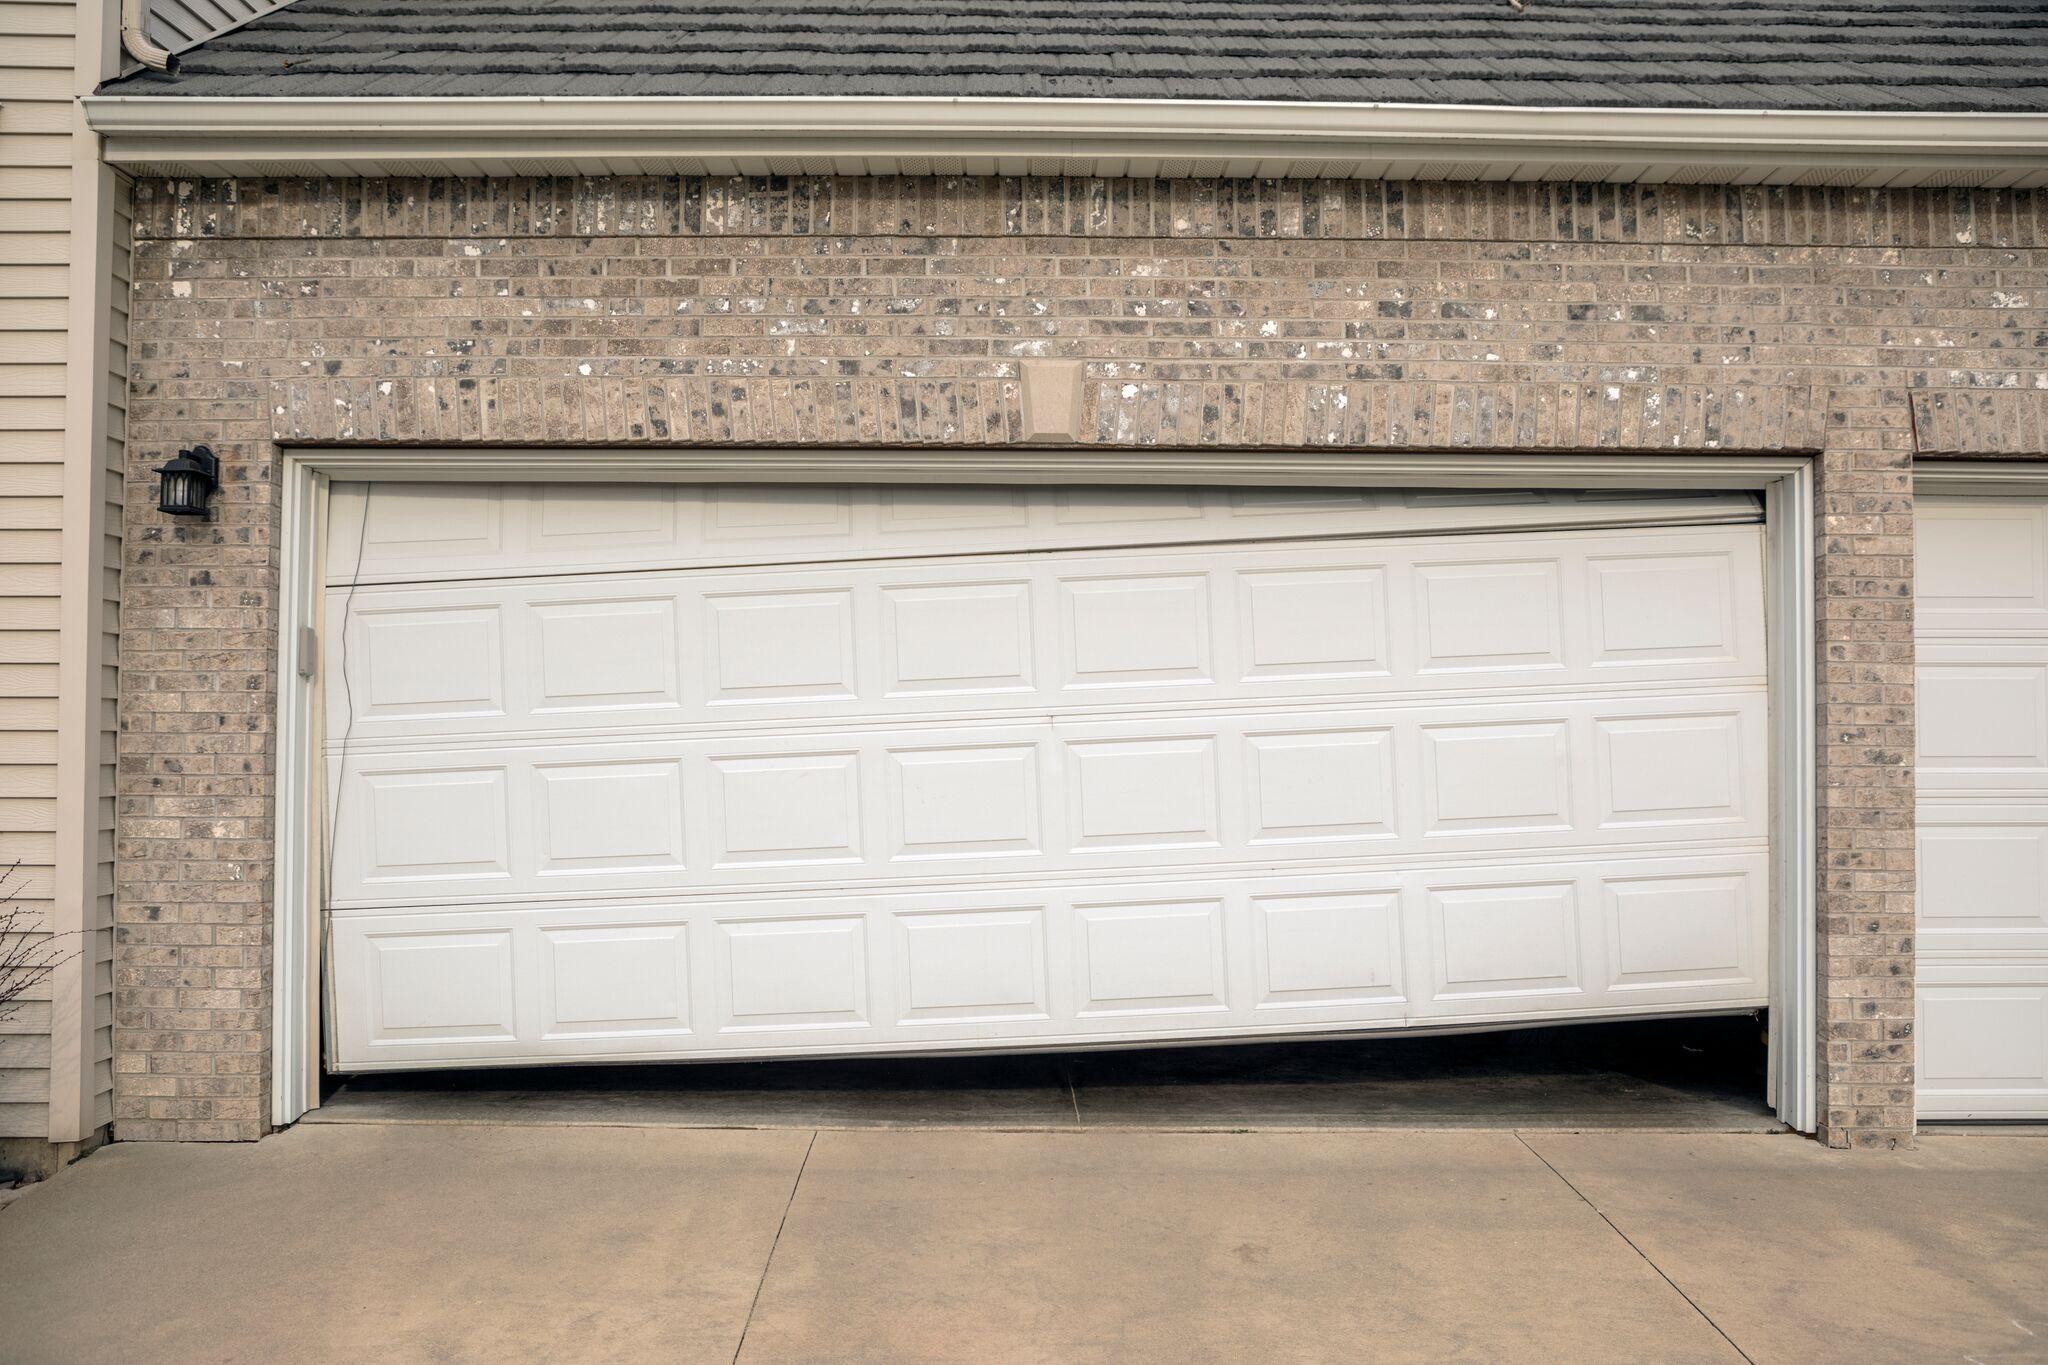 sagging and uneven garage door [ 2048 x 1365 Pixel ]